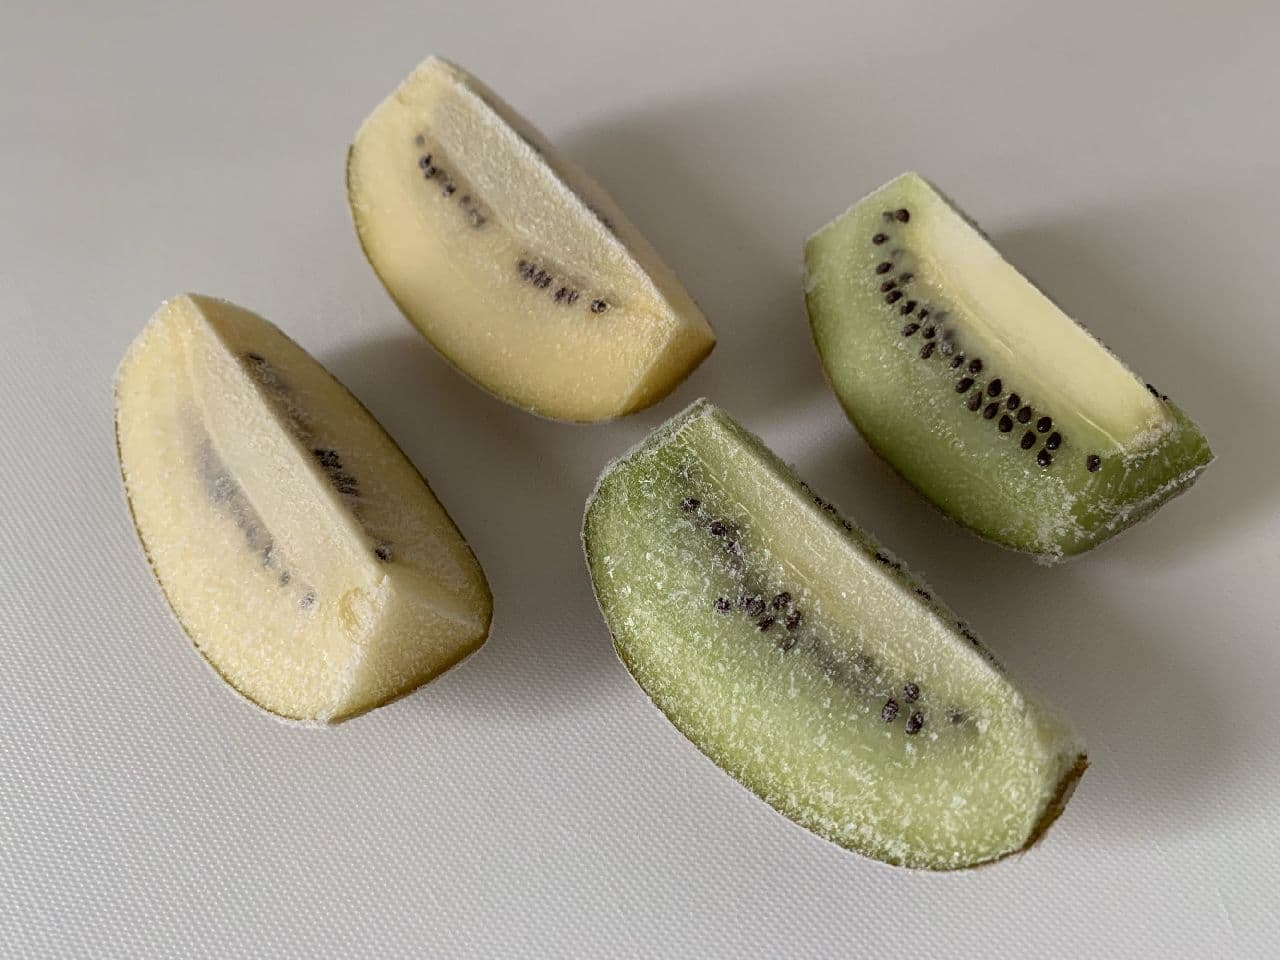 キウイの冷凍保存は皮むきが便利